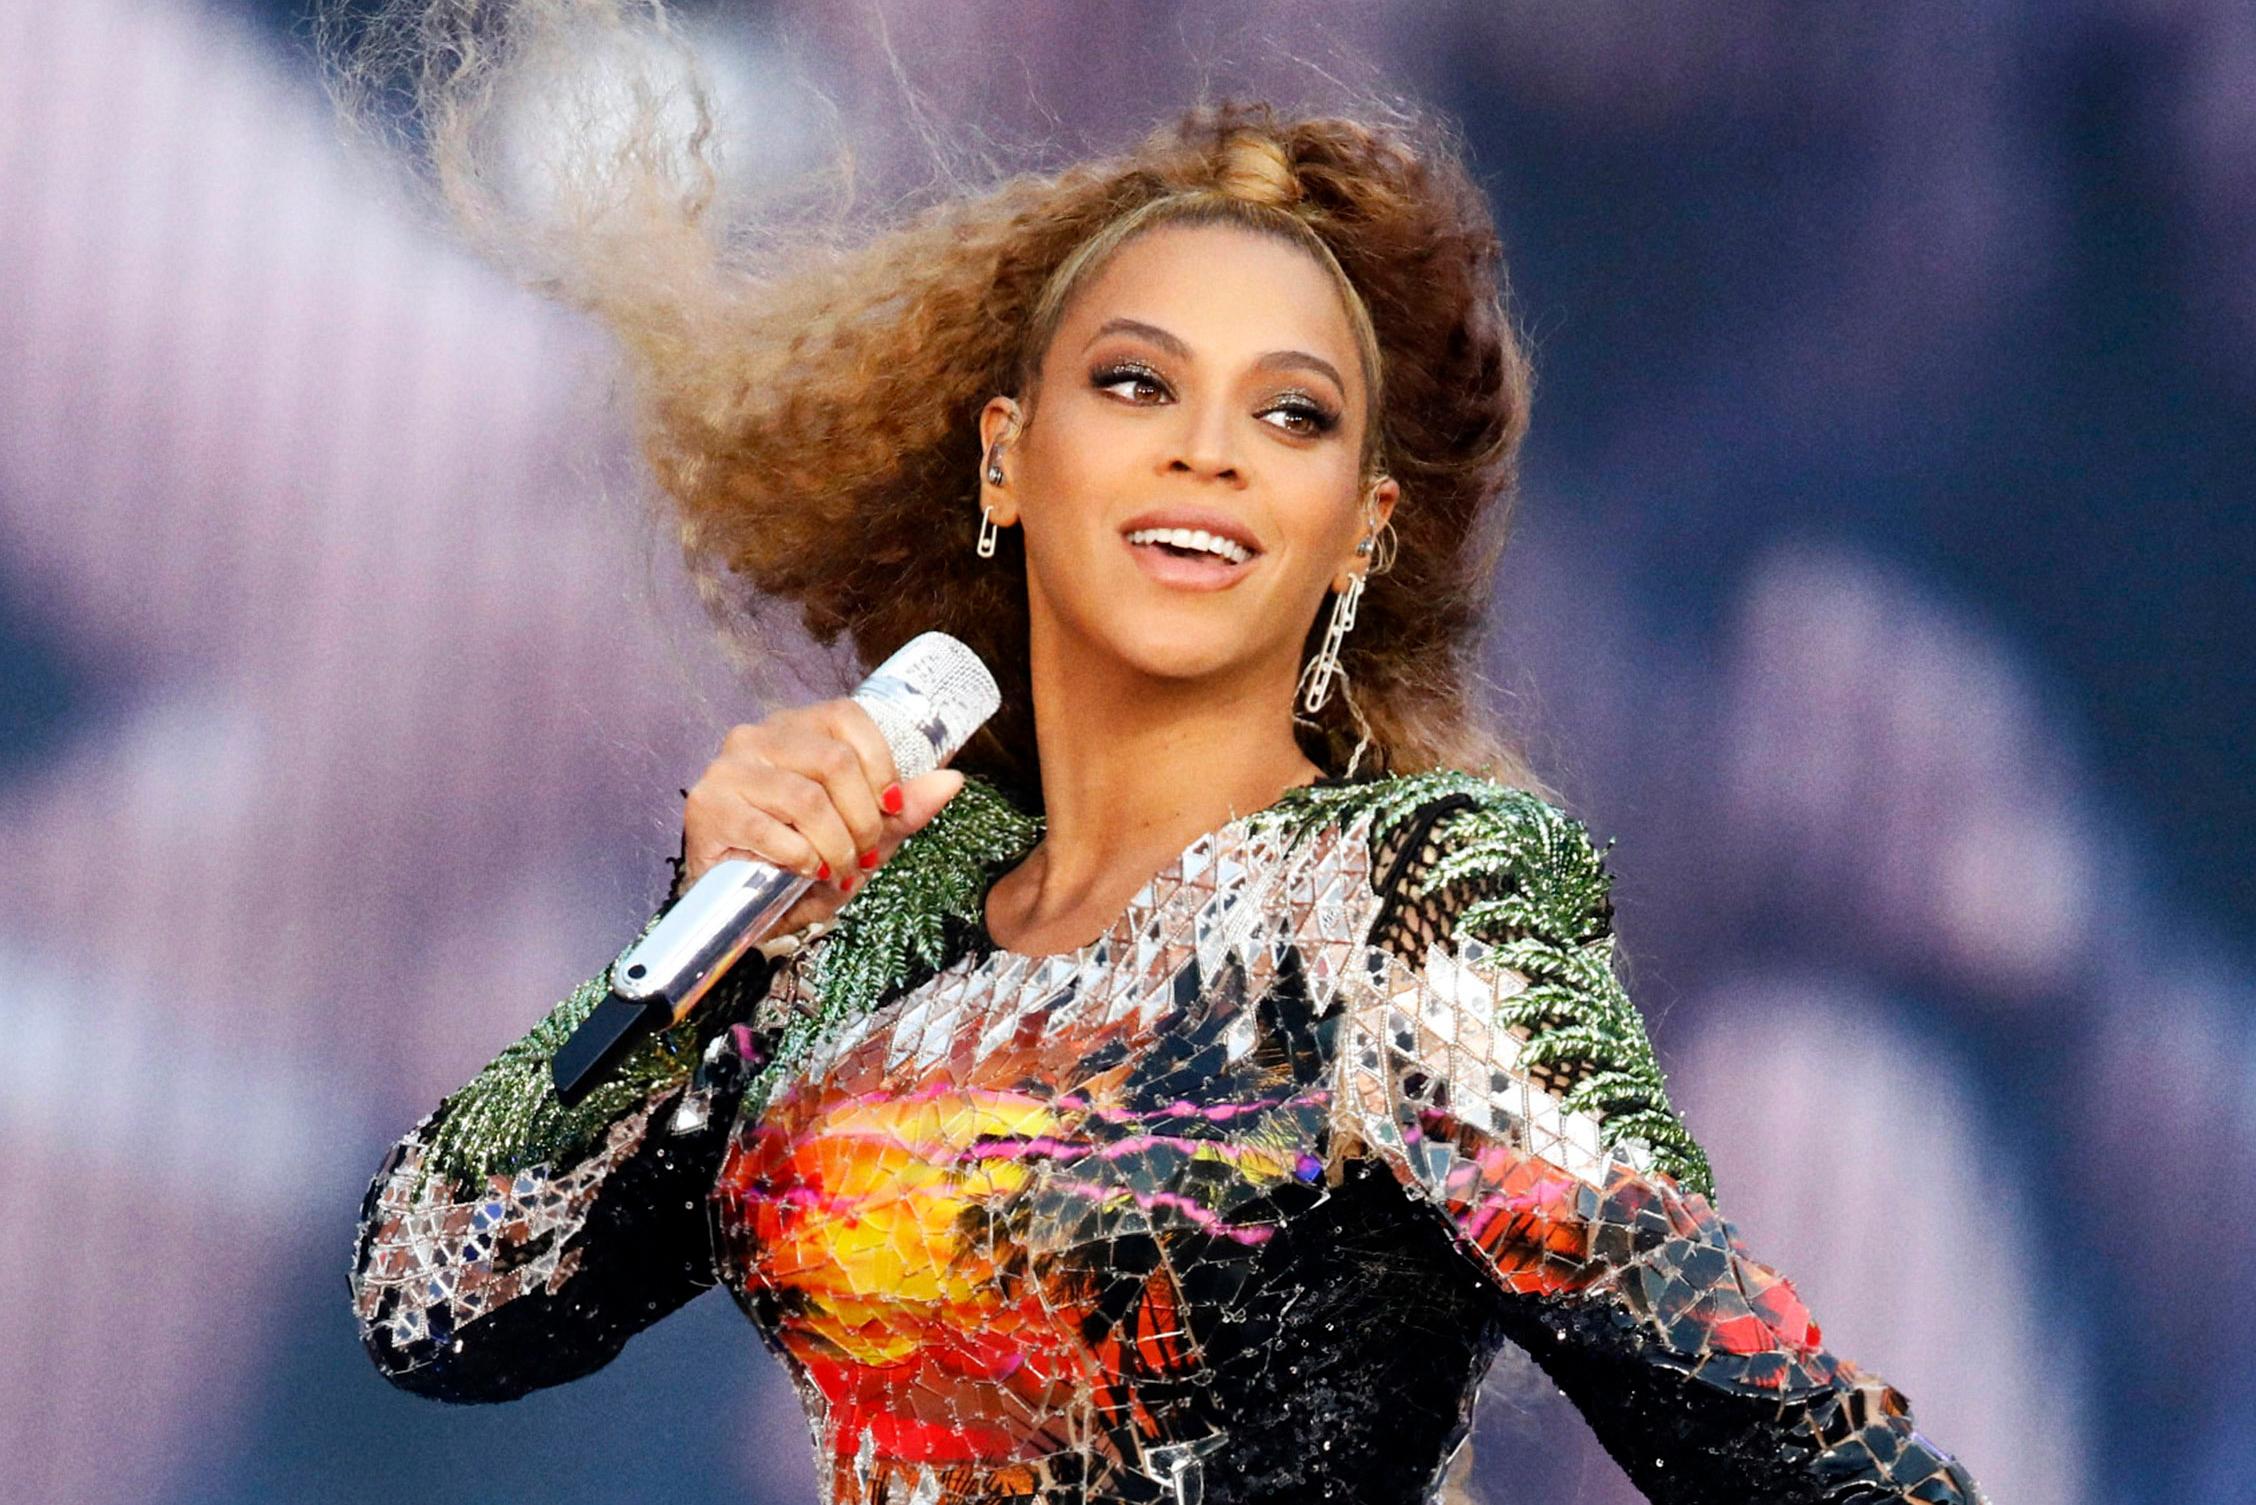 Beyoncé performing on stage